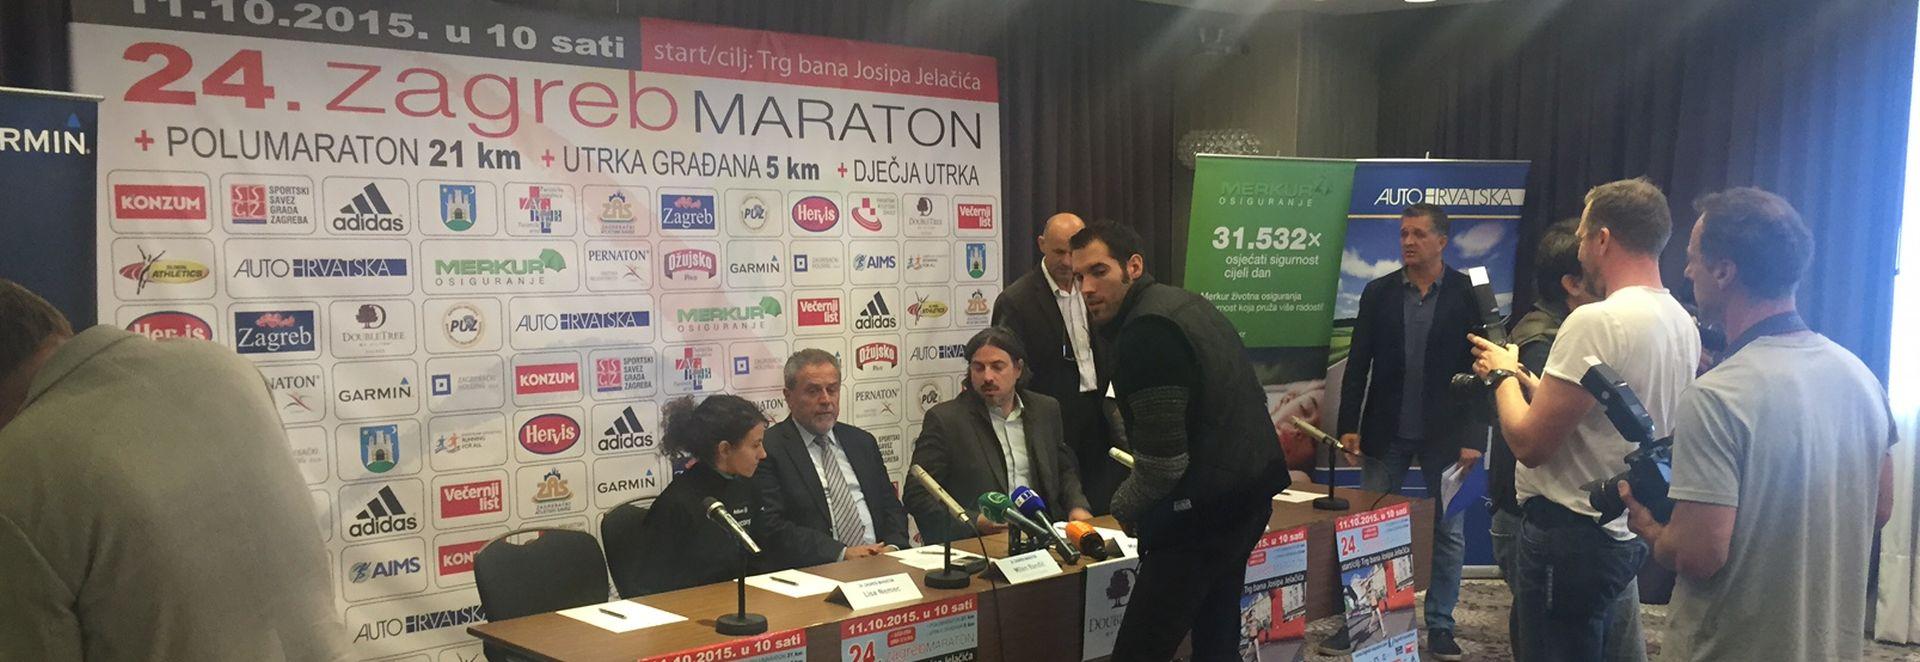 Održana press konferencija povodom održavanja Zagreb maratona